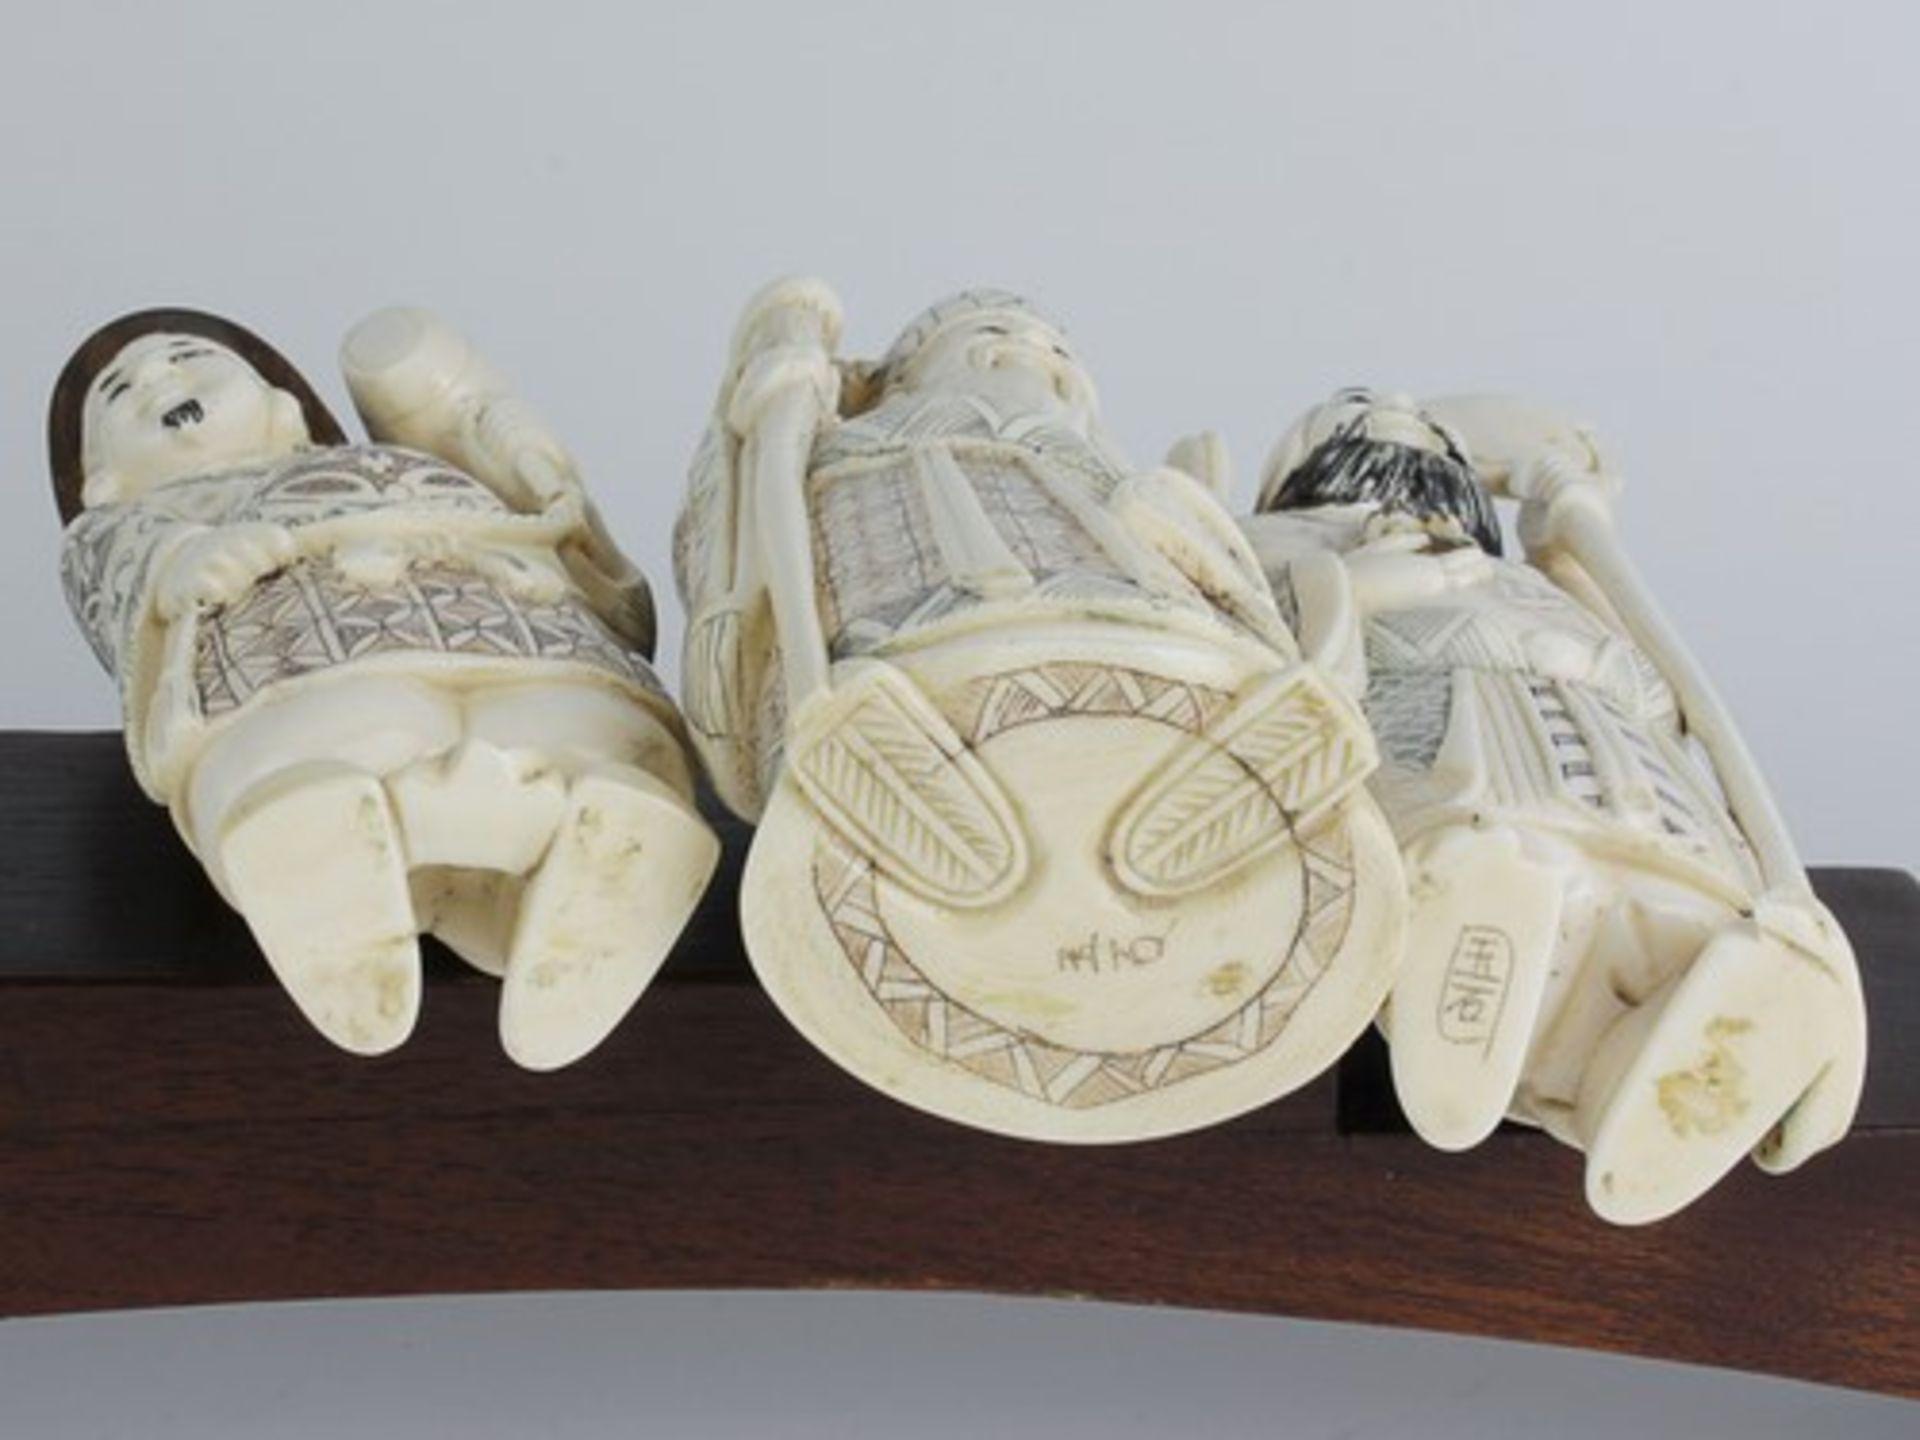 Figurengruppe - Chinaum 1920, 7x vollplastische Elfenbein-Schnitzereien, partiell geschwärzt, - Bild 16 aus 24